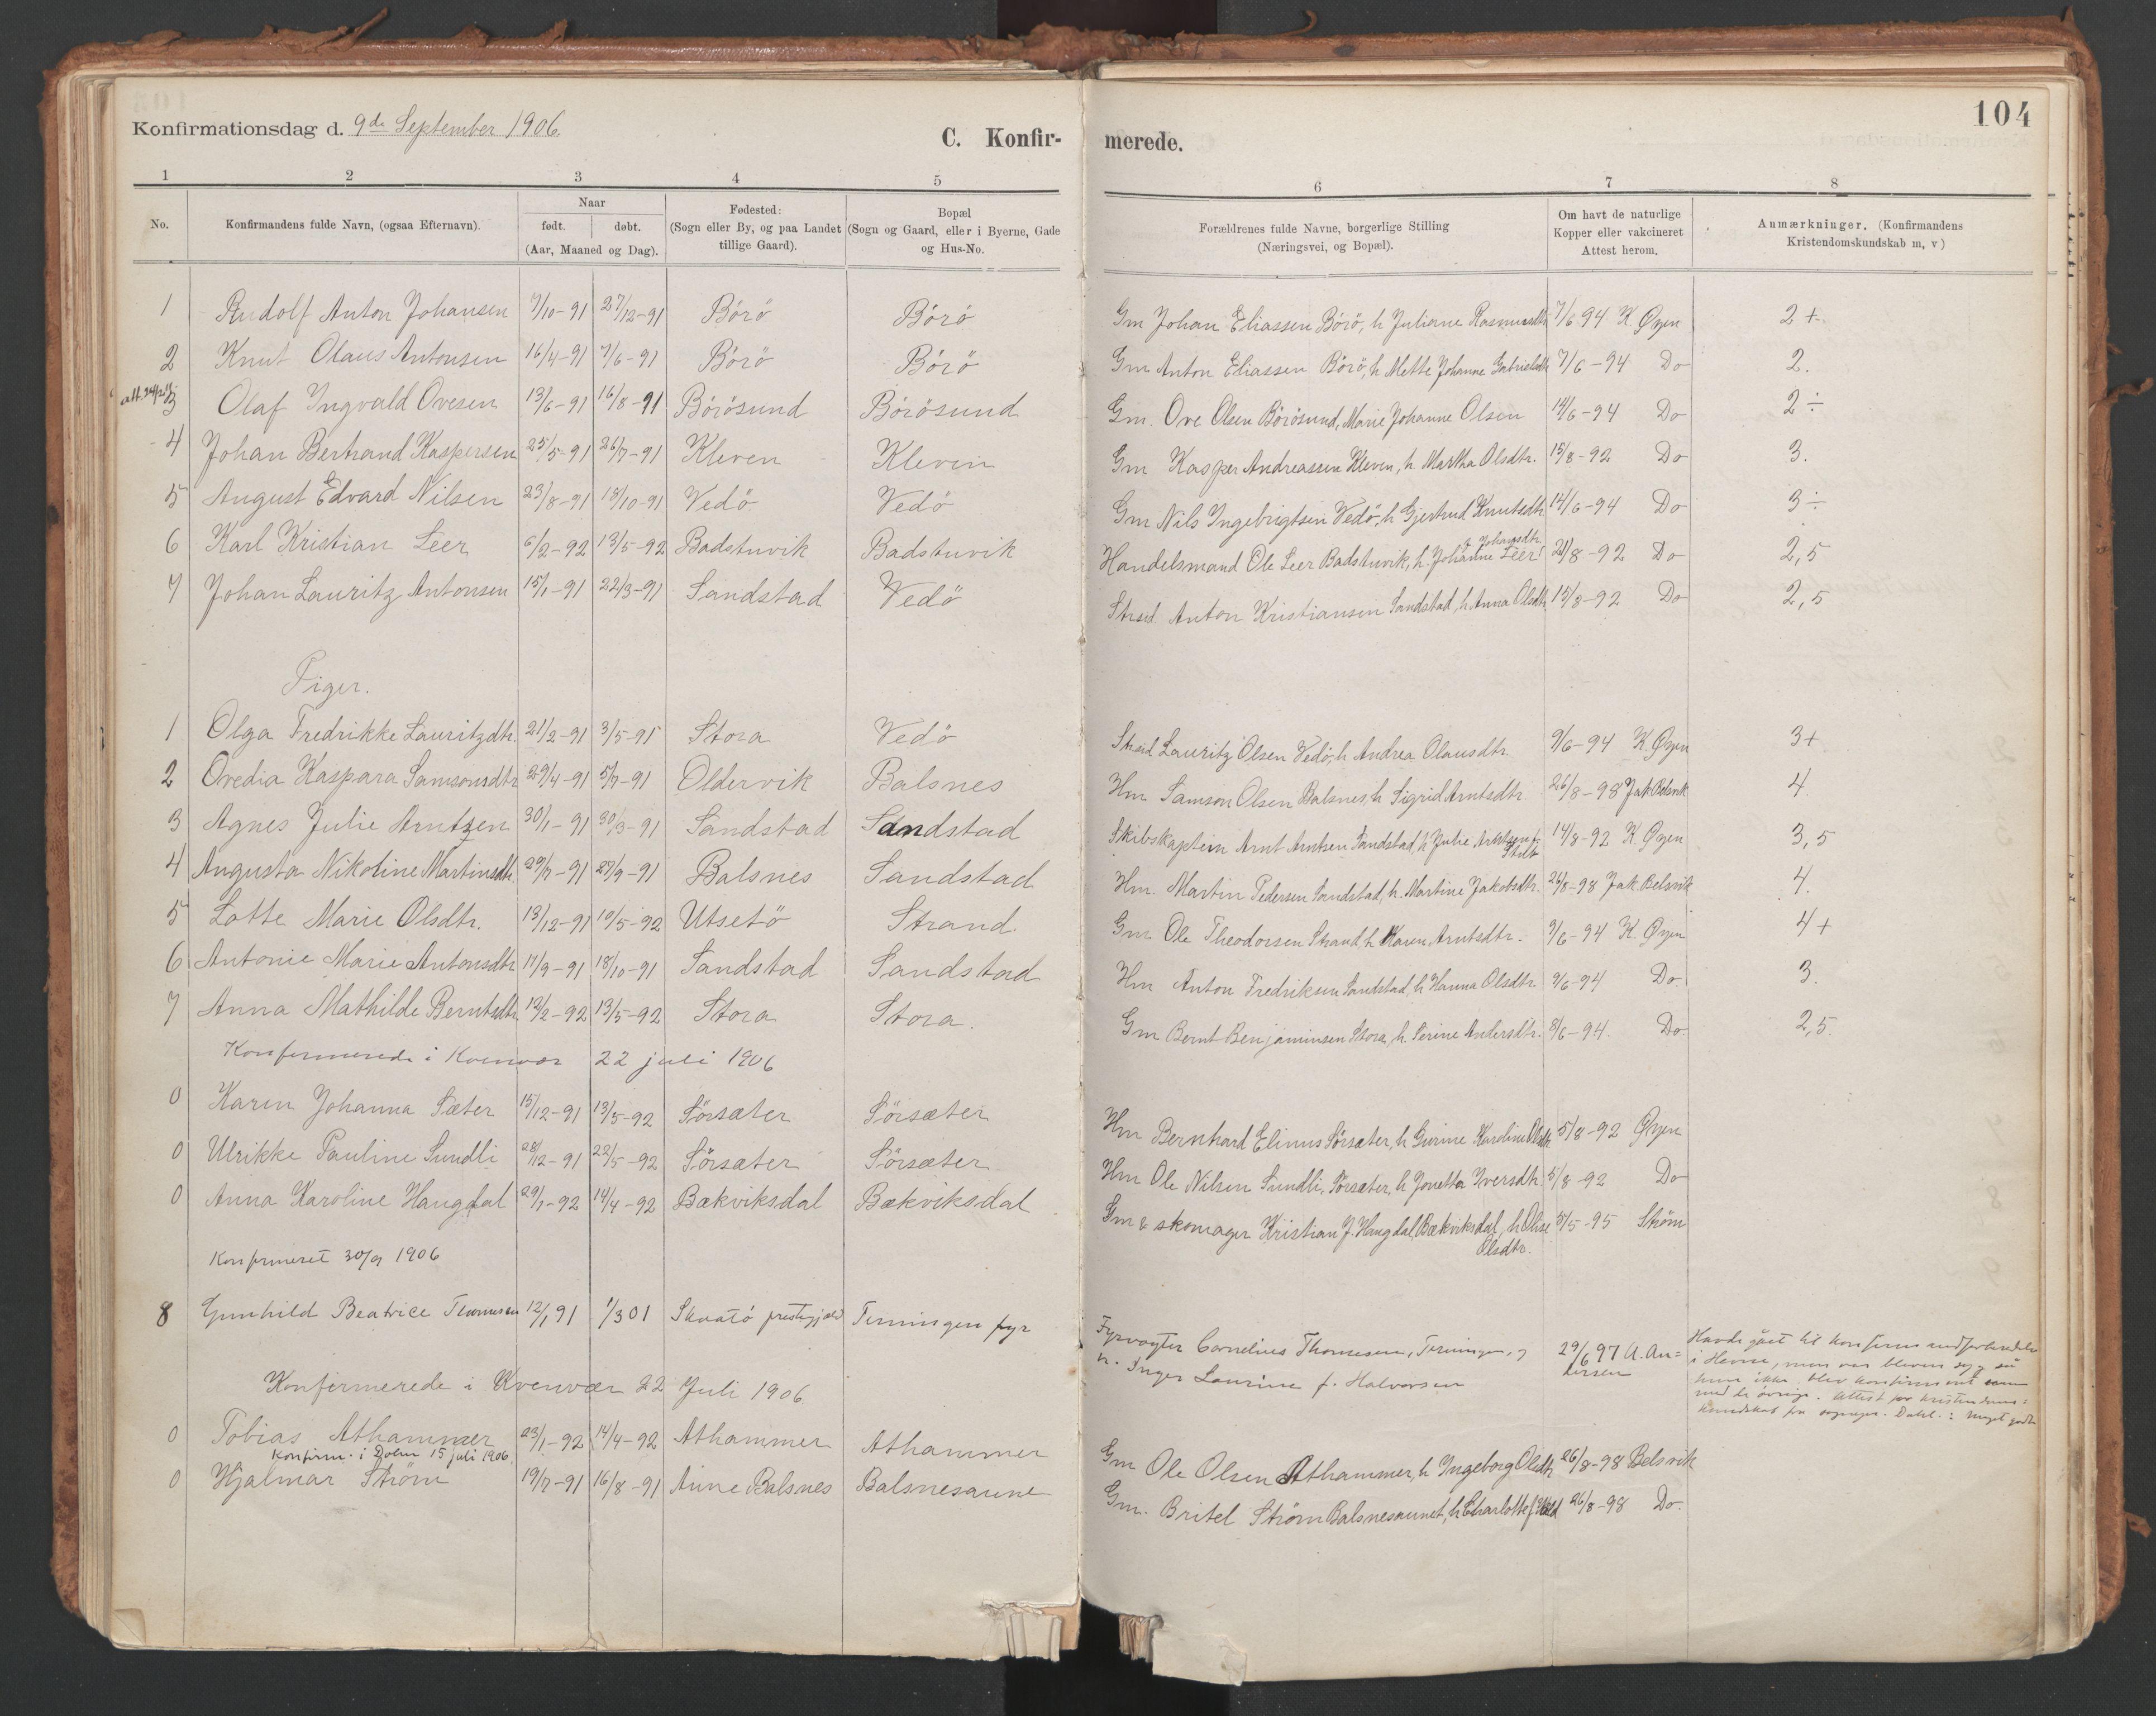 SAT, Ministerialprotokoller, klokkerbøker og fødselsregistre - Sør-Trøndelag, 639/L0572: Ministerialbok nr. 639A01, 1890-1920, s. 104